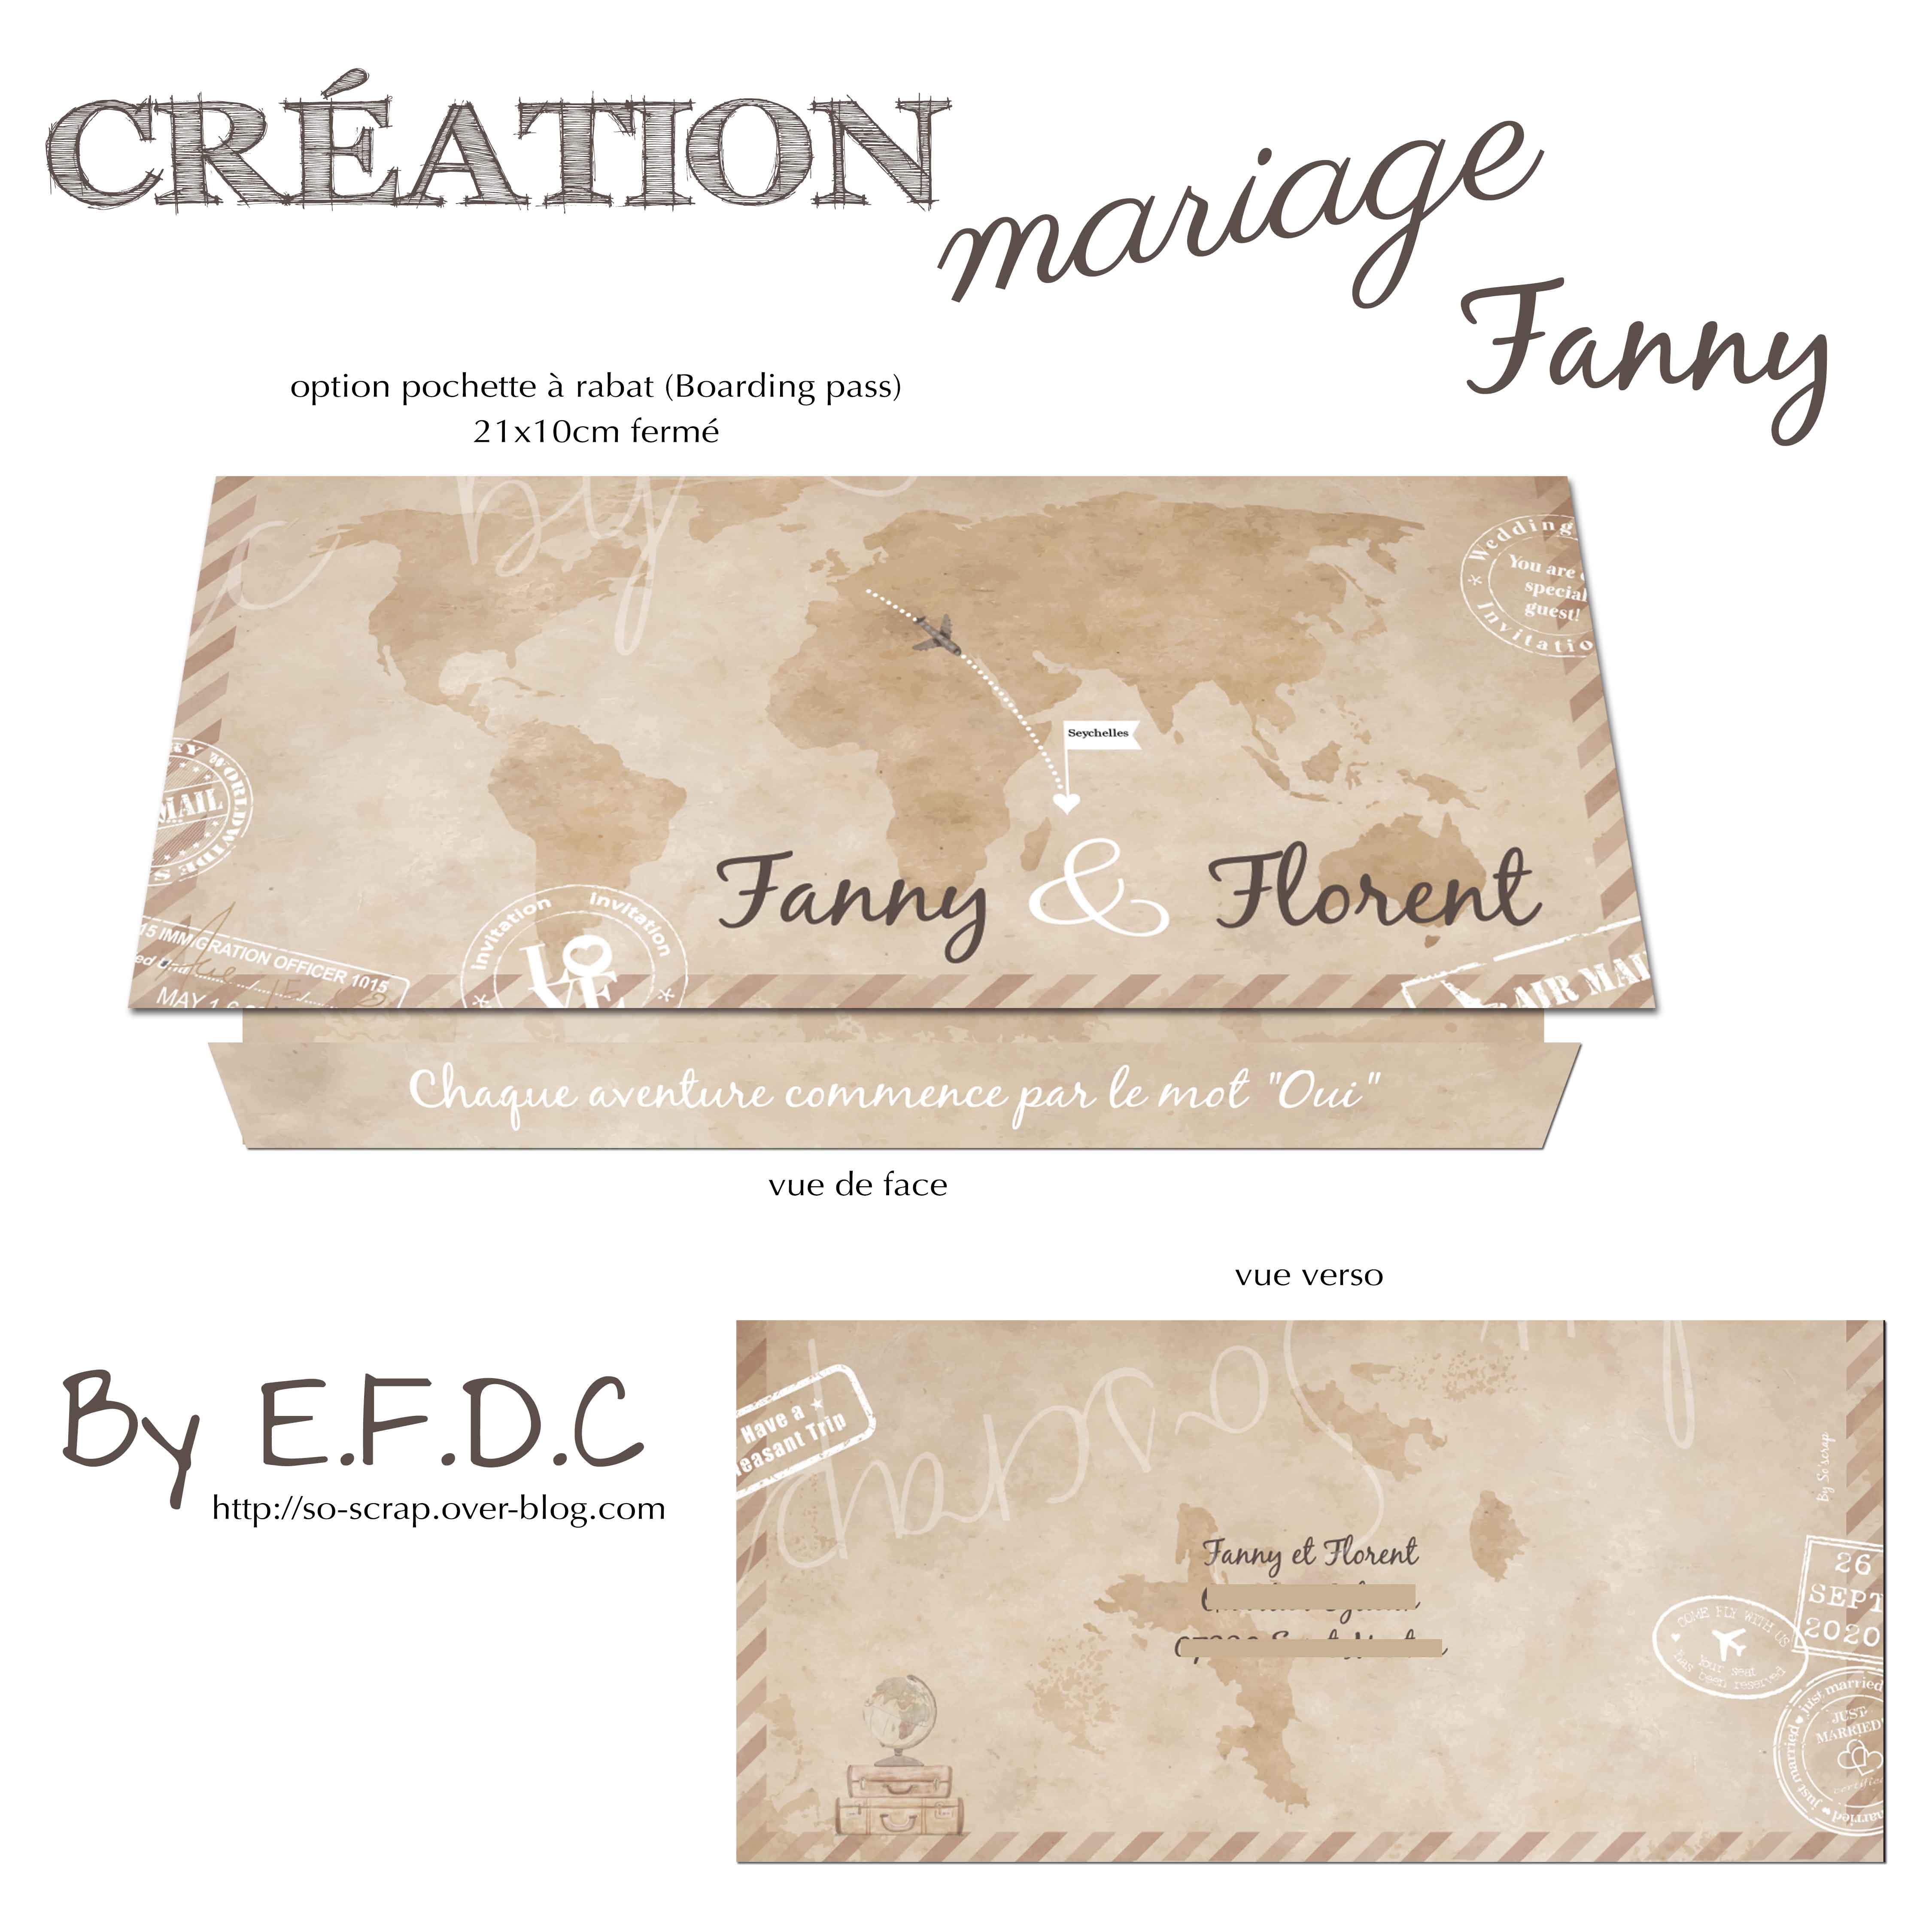 option pochette pour boarding pass invitation mariage personnalisation création originale et sur mesure simple recto possibilité recto verso RV° #efdcbysoscrap